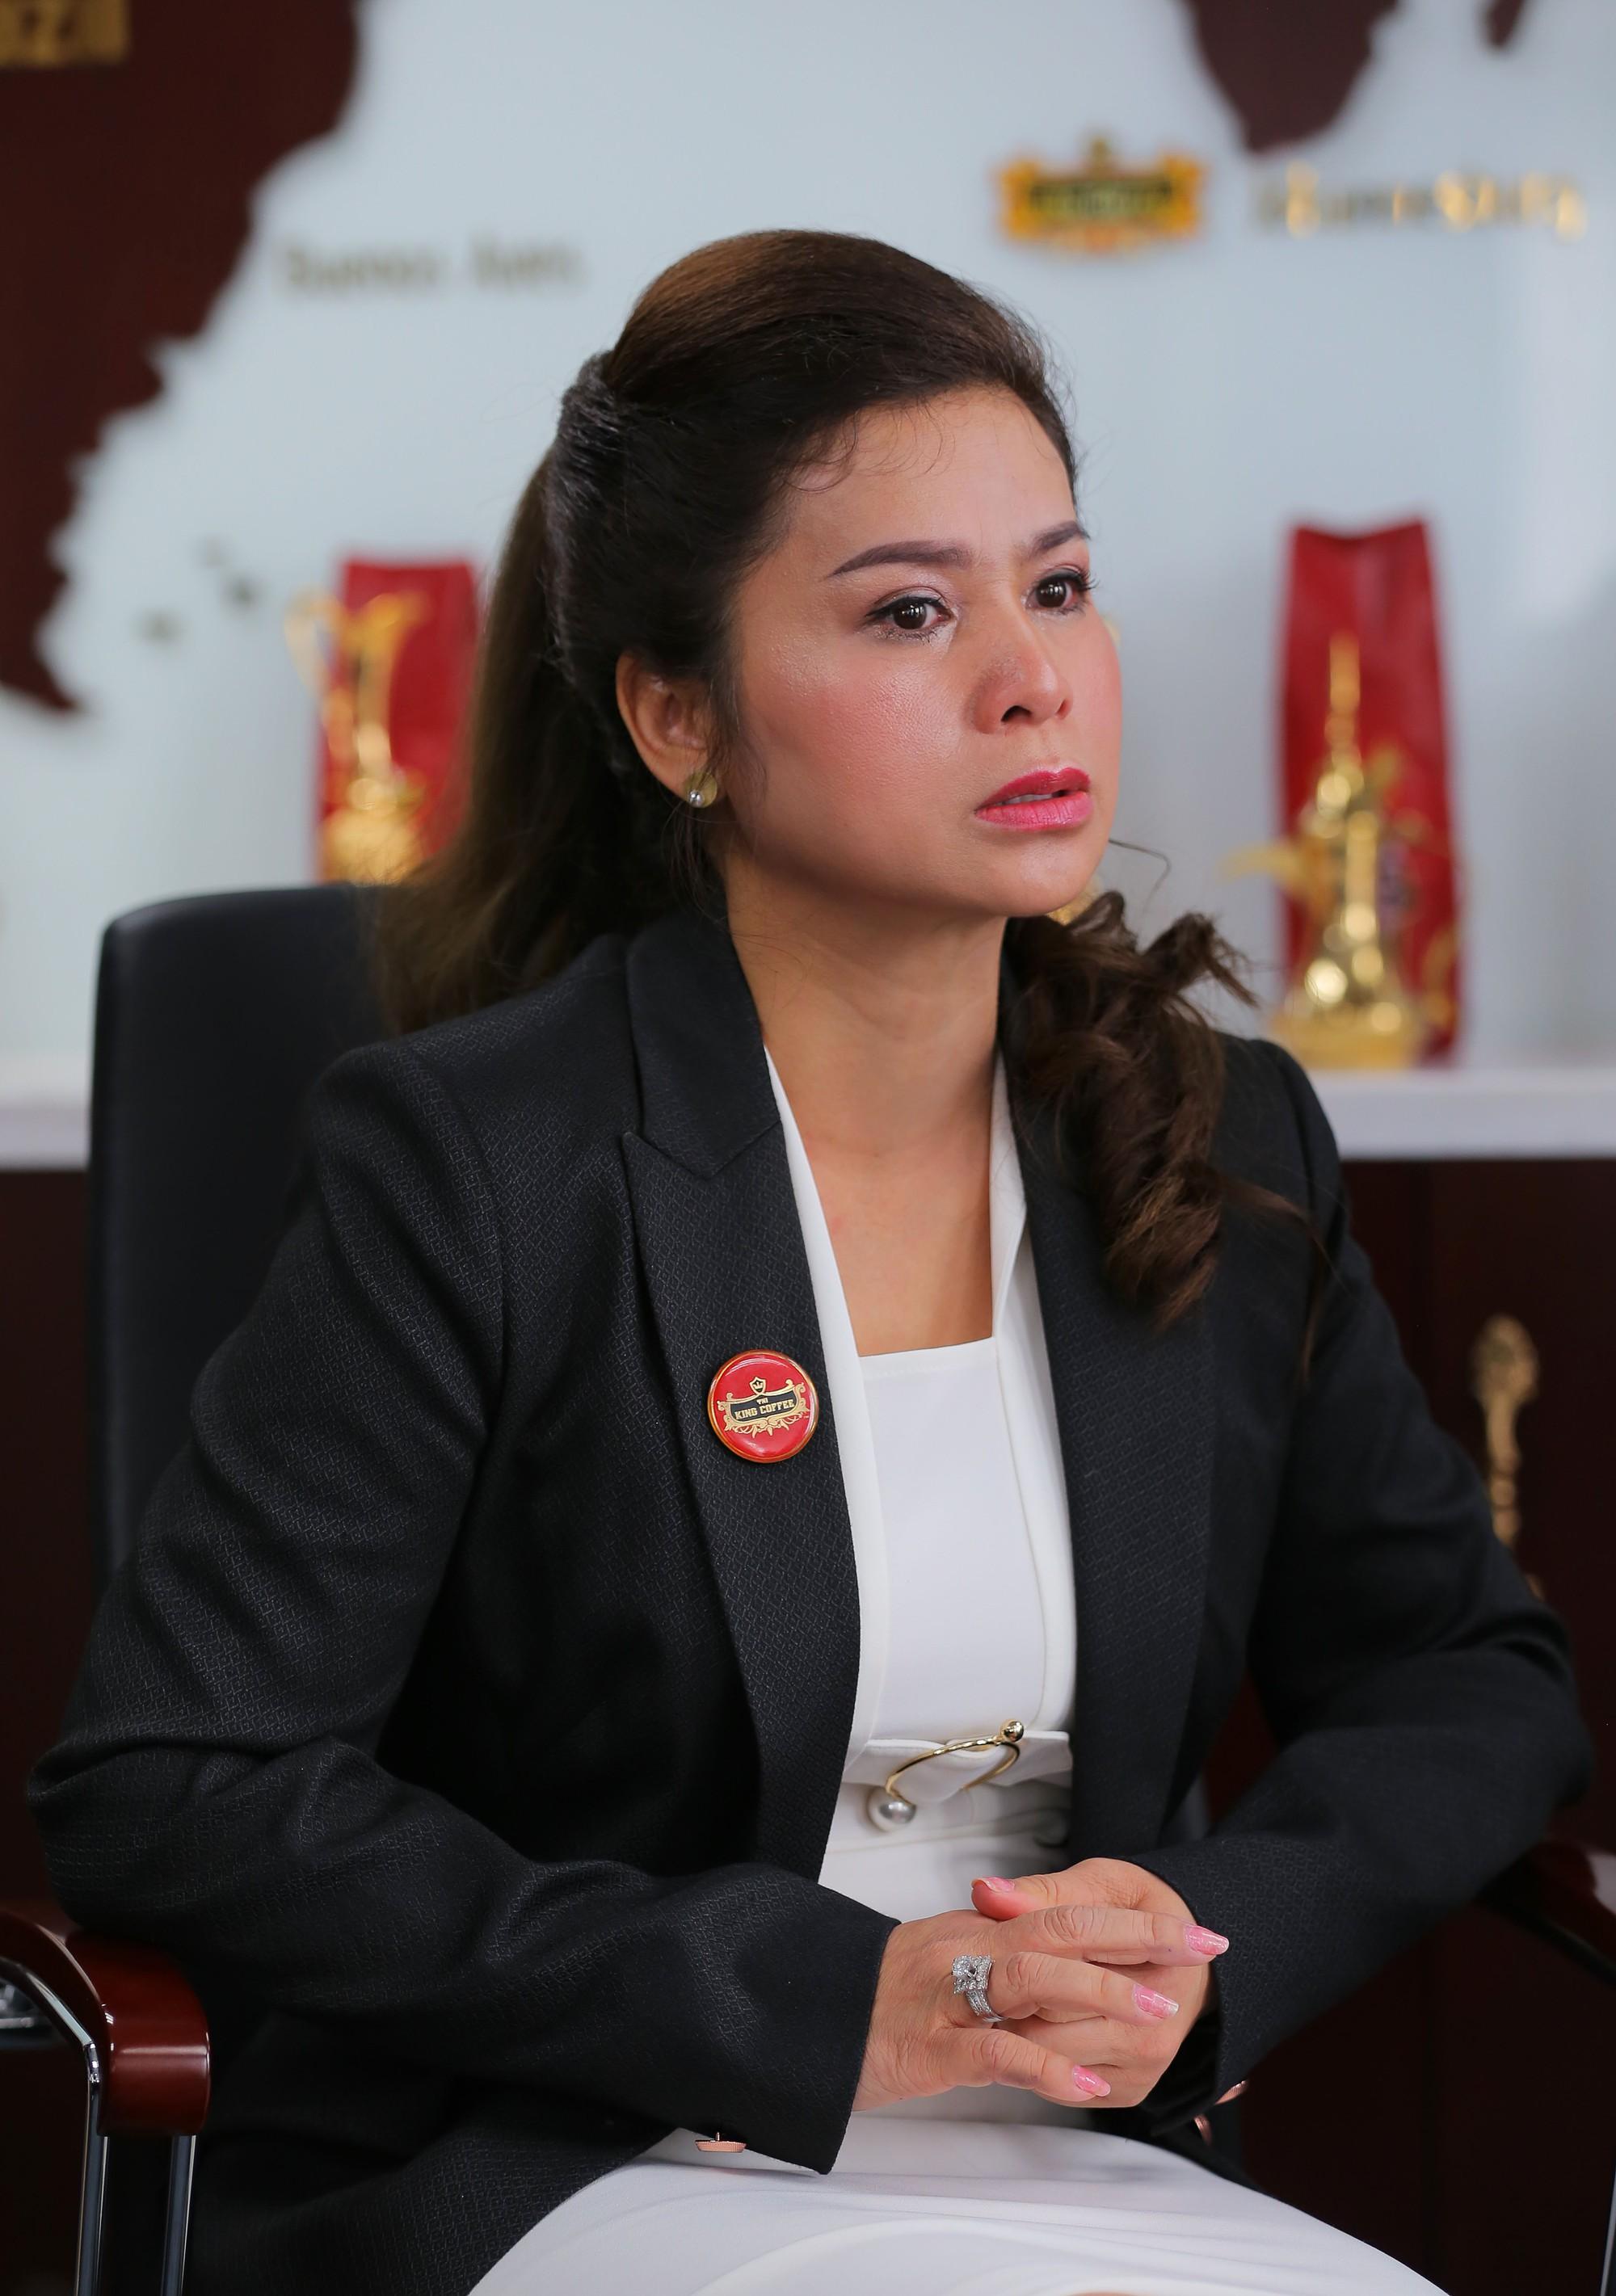 Bà Lê Hoàng Diệp Thảo: Trung Nguyên là nhà, tôi phải trở về - Ảnh 5.